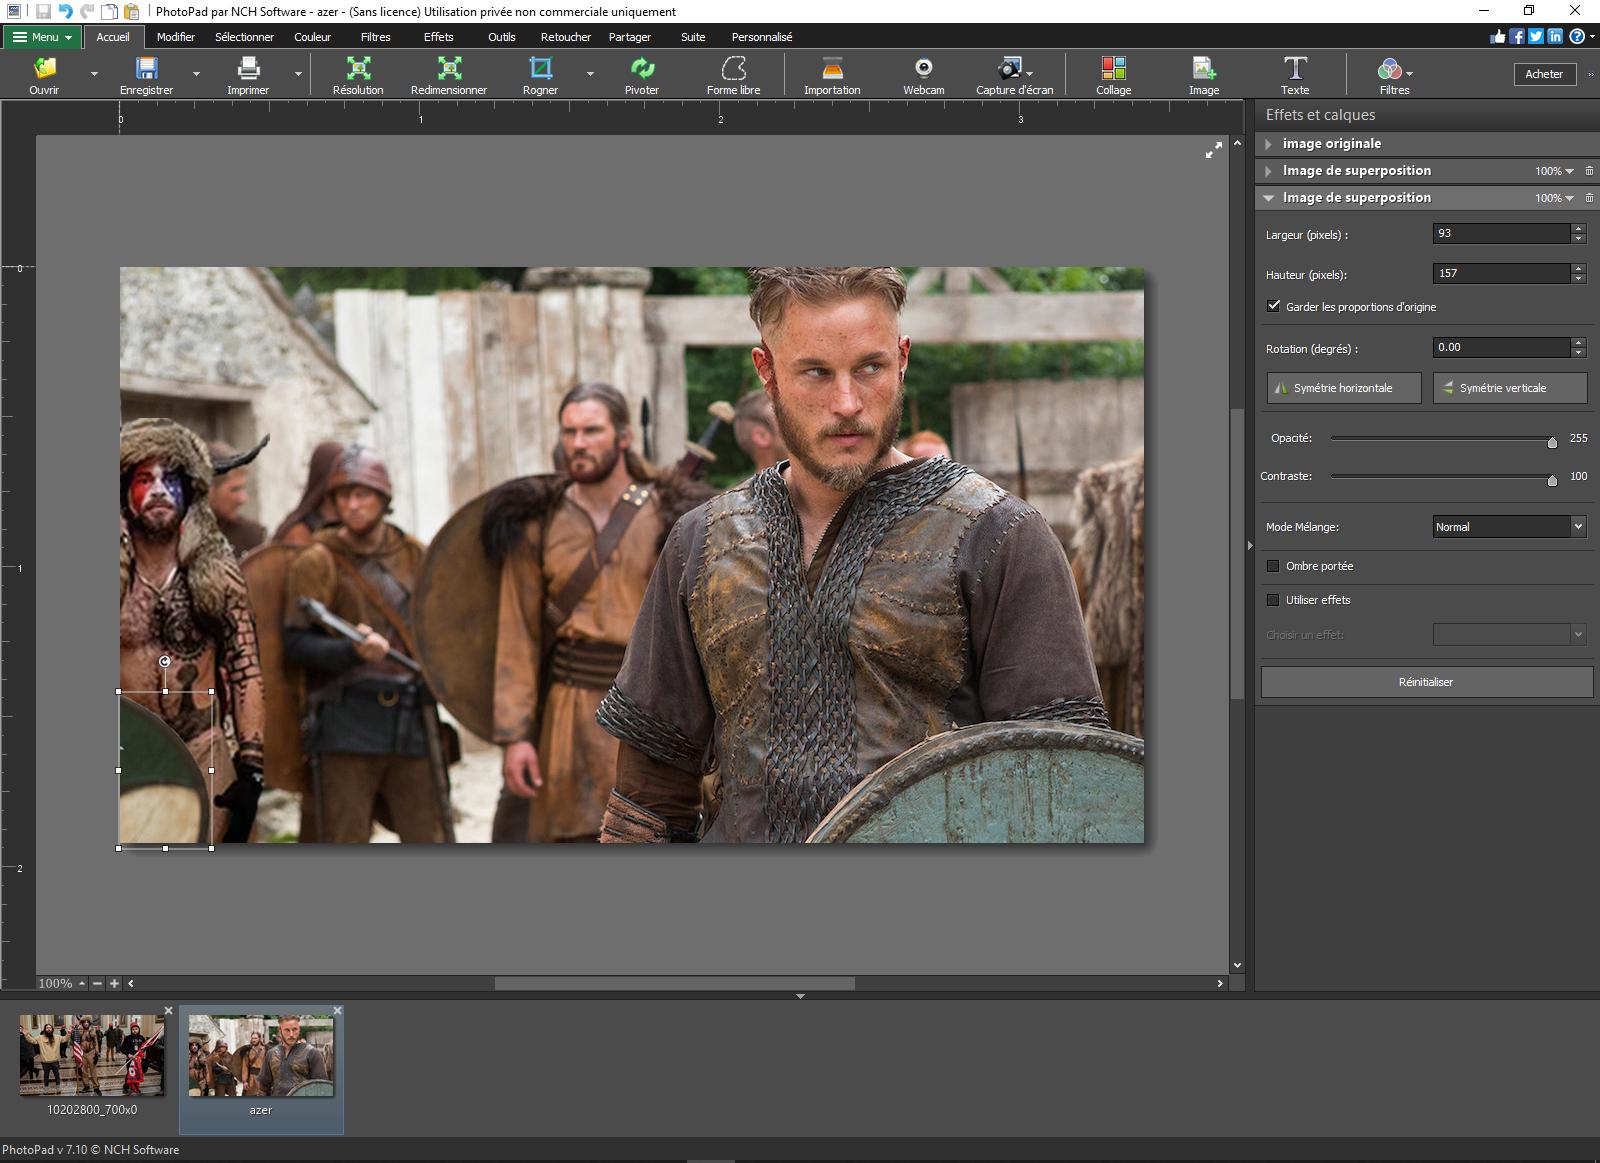 Le programme PhotoPad en utilisation, afin de visualiser les menus et les possibilités.